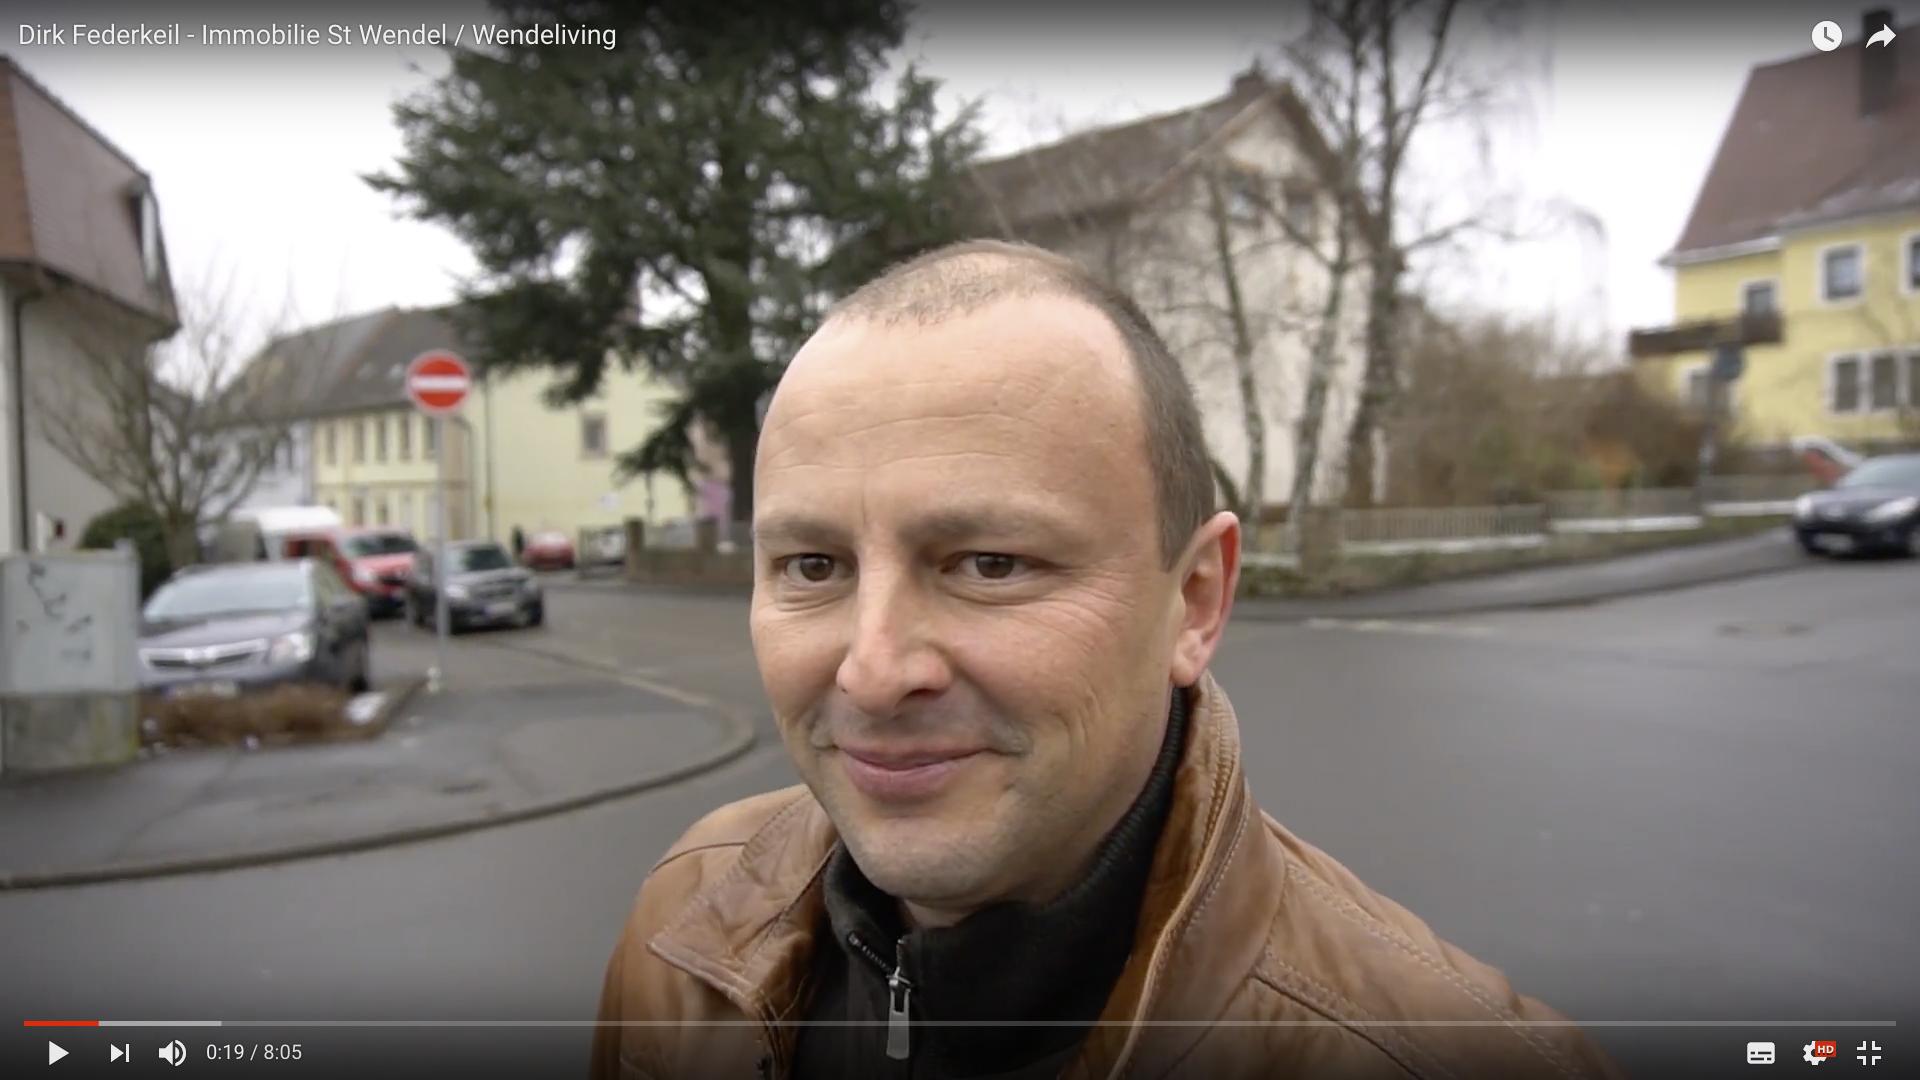 2017 Immobilie St Wendel : Wendeliving Dirk Federkeil_MSM_MEDIEN_SAAR_MOSEL_SAARLAND_FERNSEHEN_1_ED_SAAR